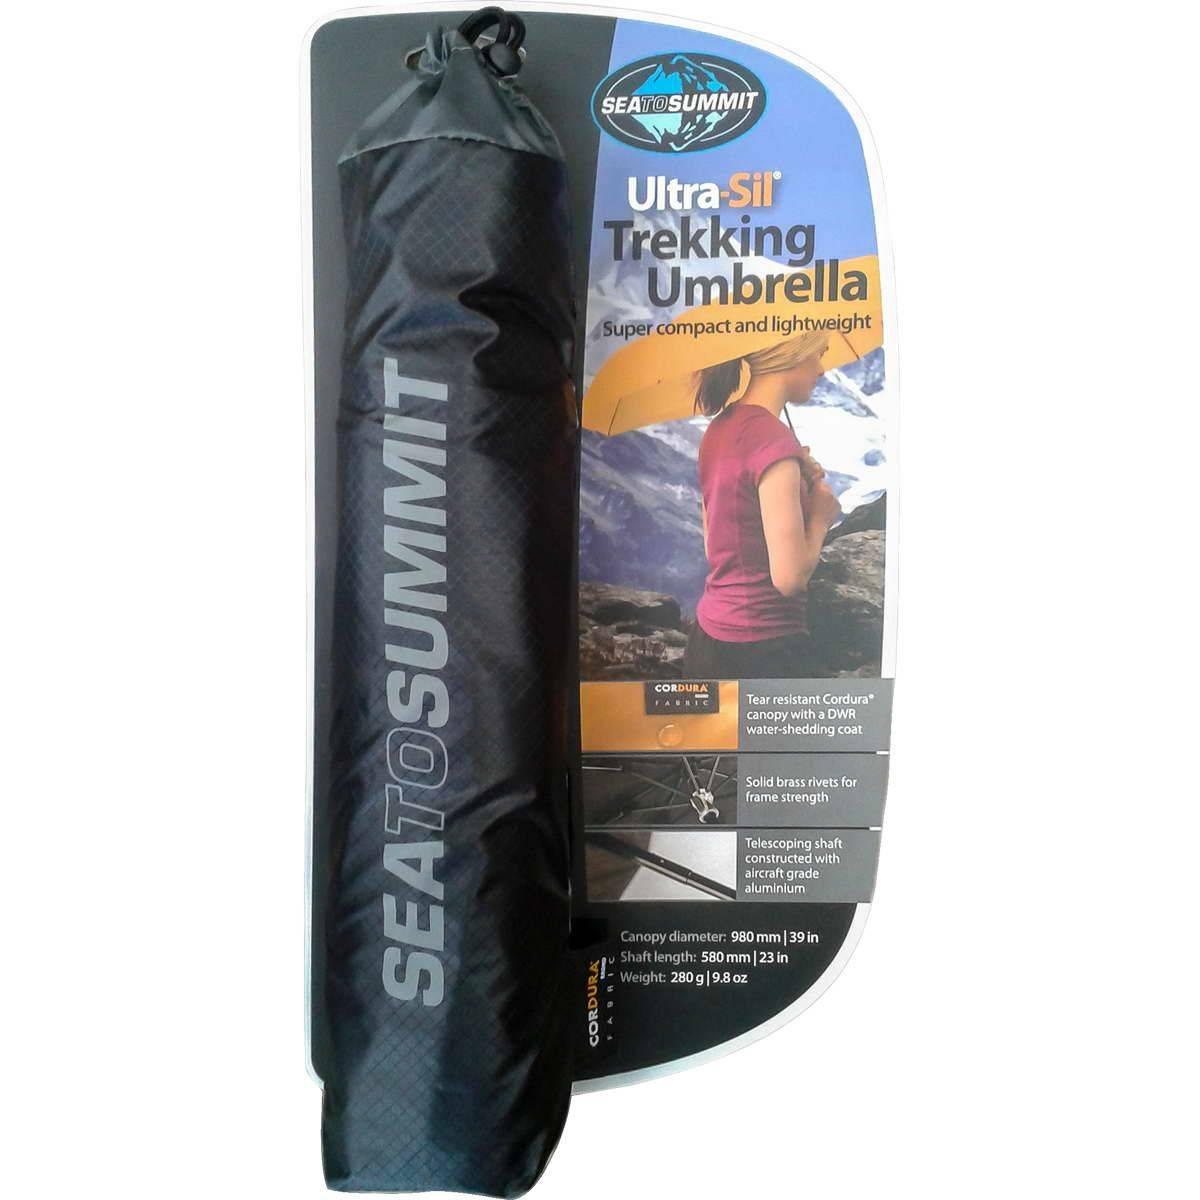 Sea to Summit ULTRA-SIL Trekking Umbrella - Regenschirm schwarz - Bild 1